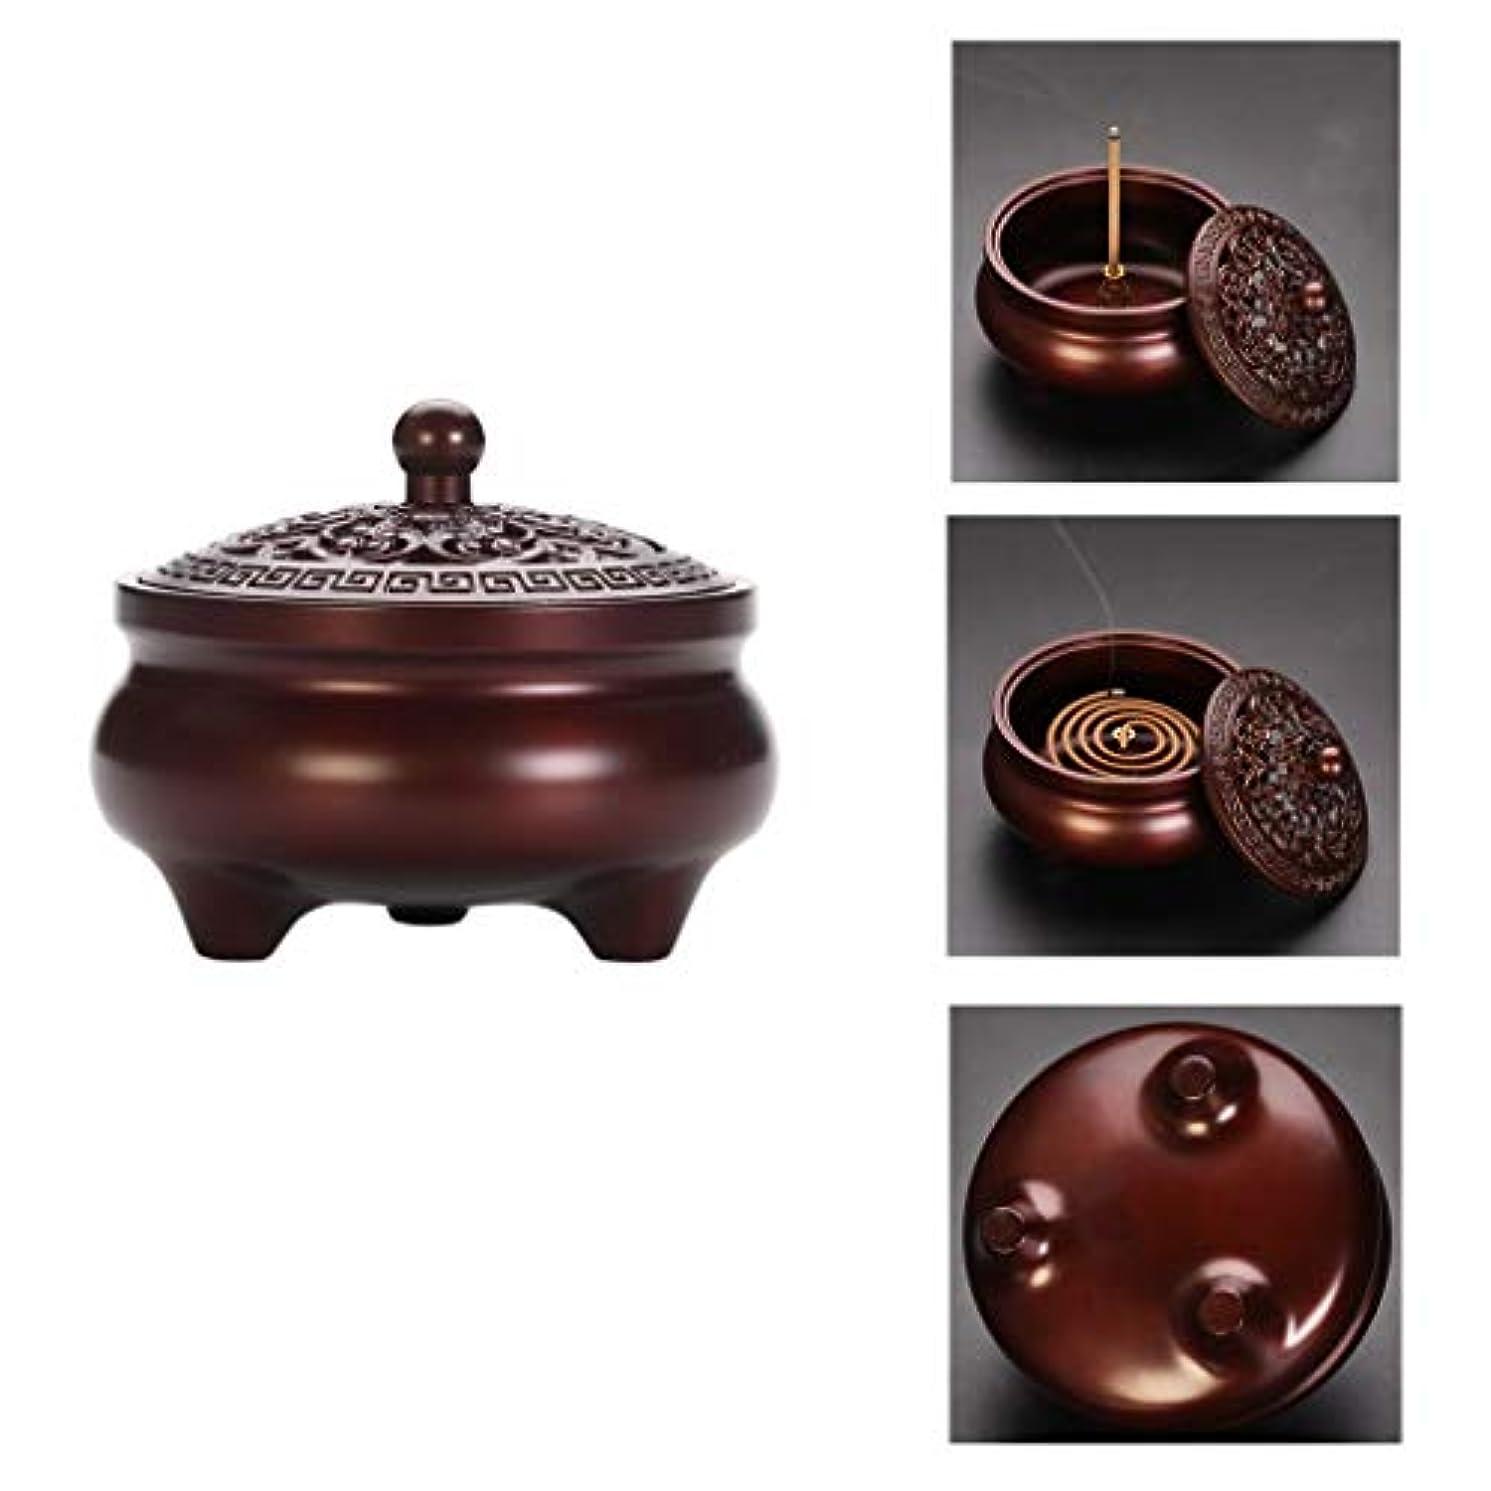 み歴史的ベリー芳香器?アロマバーナー 純銅製メカニズム香炉シンプルでエレガントな香炉内三脚アロマセラピー炉 アロマバーナー (Color : Purple Lotus)